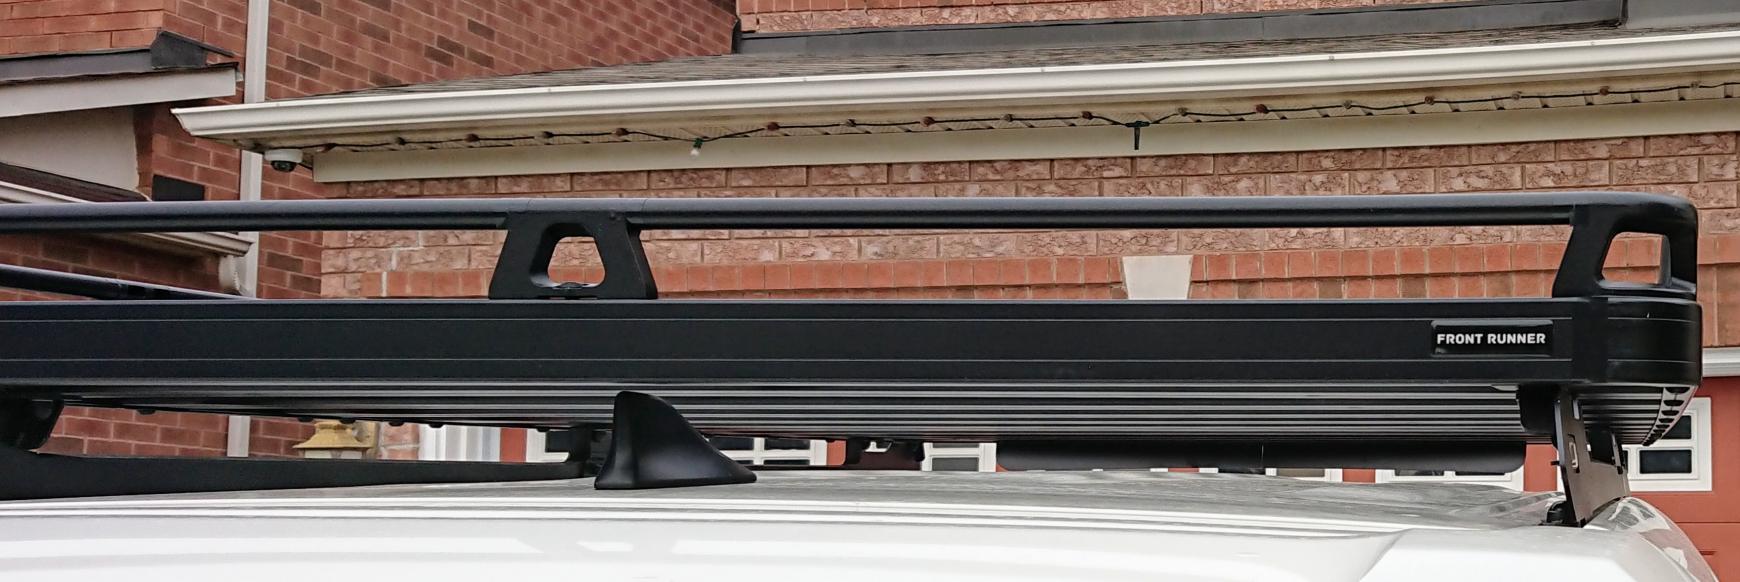 FS: 5th GEN Frontrunner Slimline 2 Roof Rack and Expedition Rail Kit-img_20190628_194619-jpg